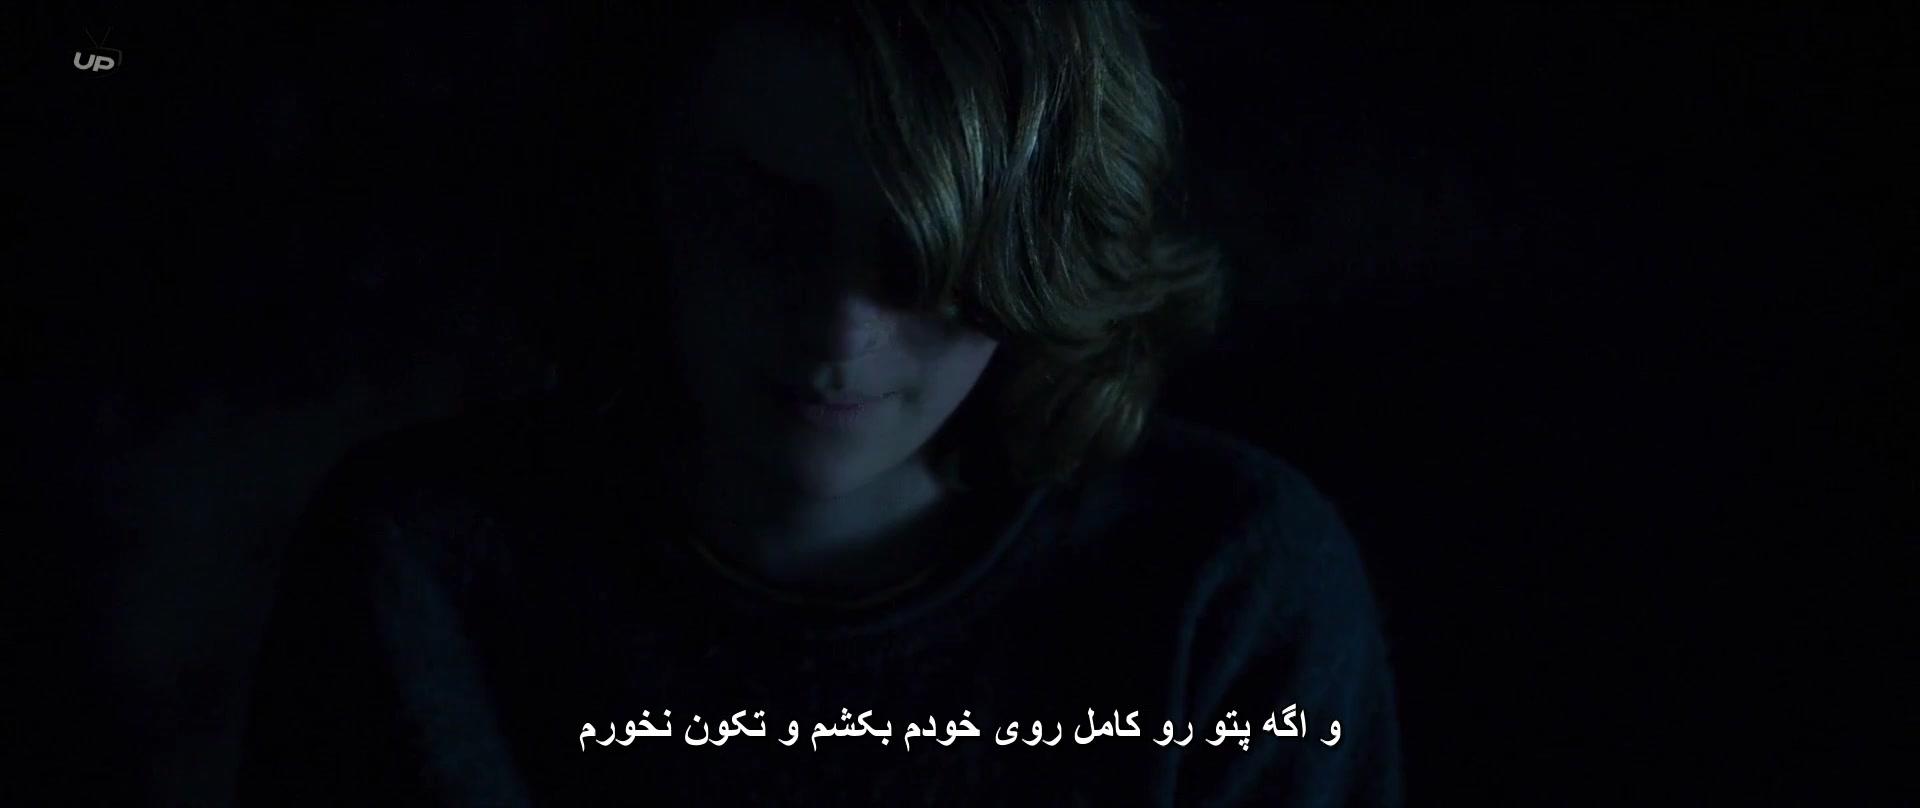 """دانلود فیلم سینمایی تاریکی """"The Dark 2018"""" با زیرنویس فارسی"""